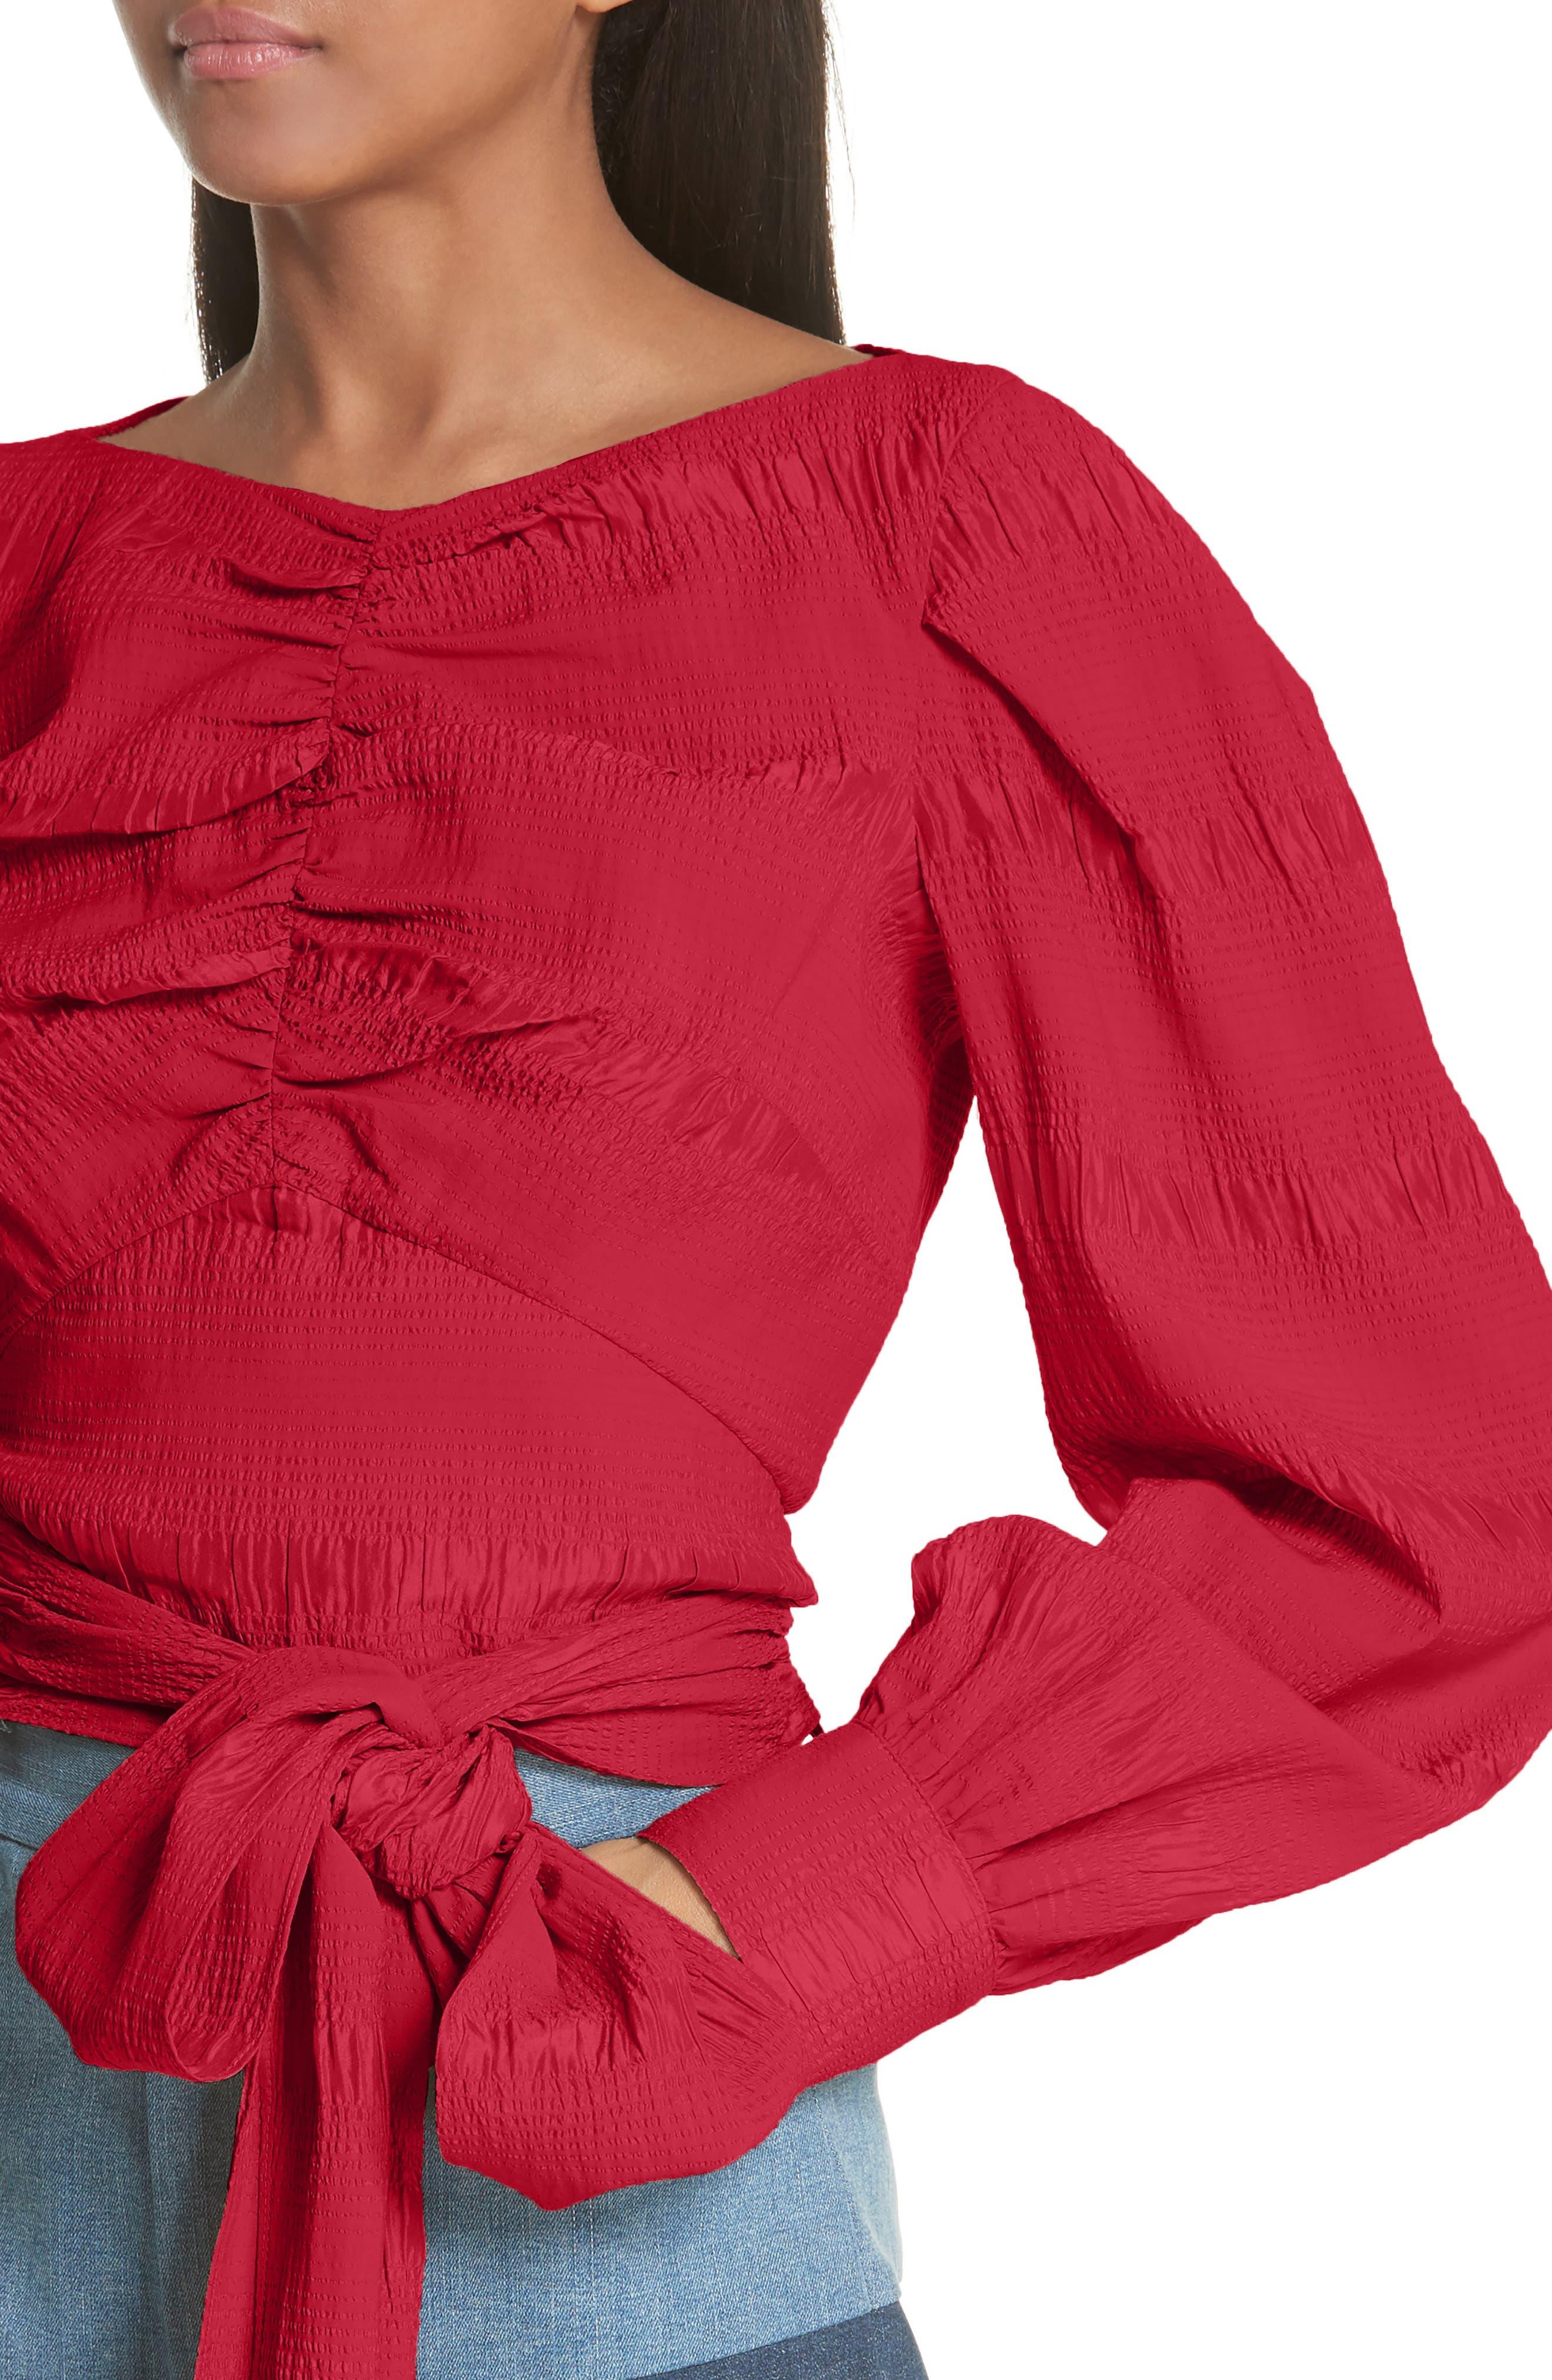 RACHEL COMEY,                             Bounds Tie Waist Silk Blend Top,                             Alternate thumbnail 4, color,                             600